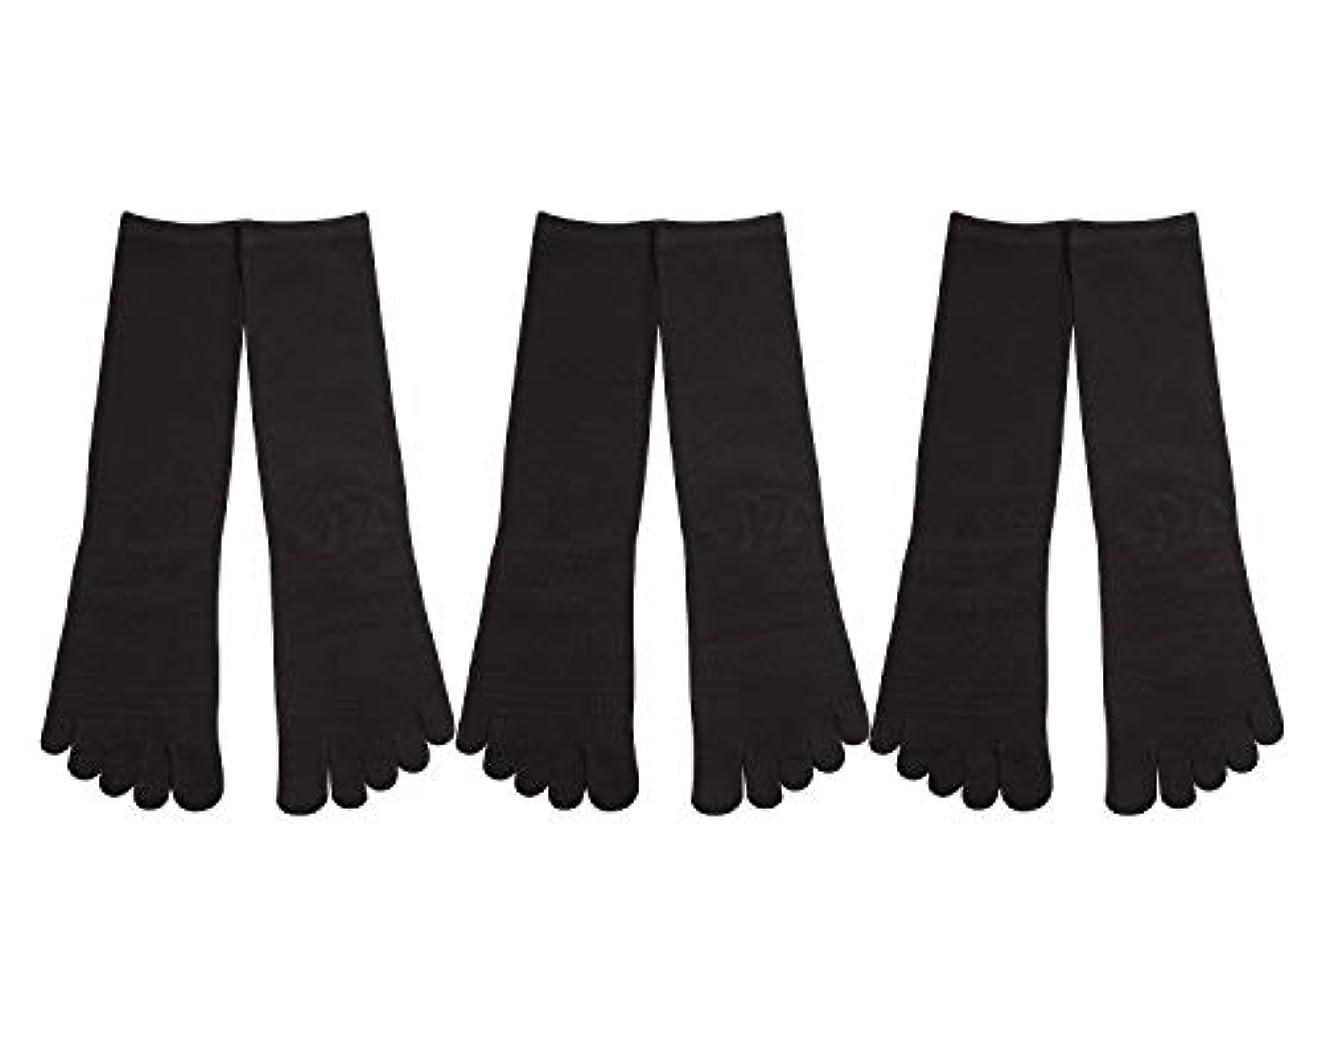 モルヒネ想起無駄だDeol(デオル) 5本指 靴下 男性用 黒 3足セット 25cm-27cm メンズ [足のニオイ対策] 長時間消臭 日本製 靴下